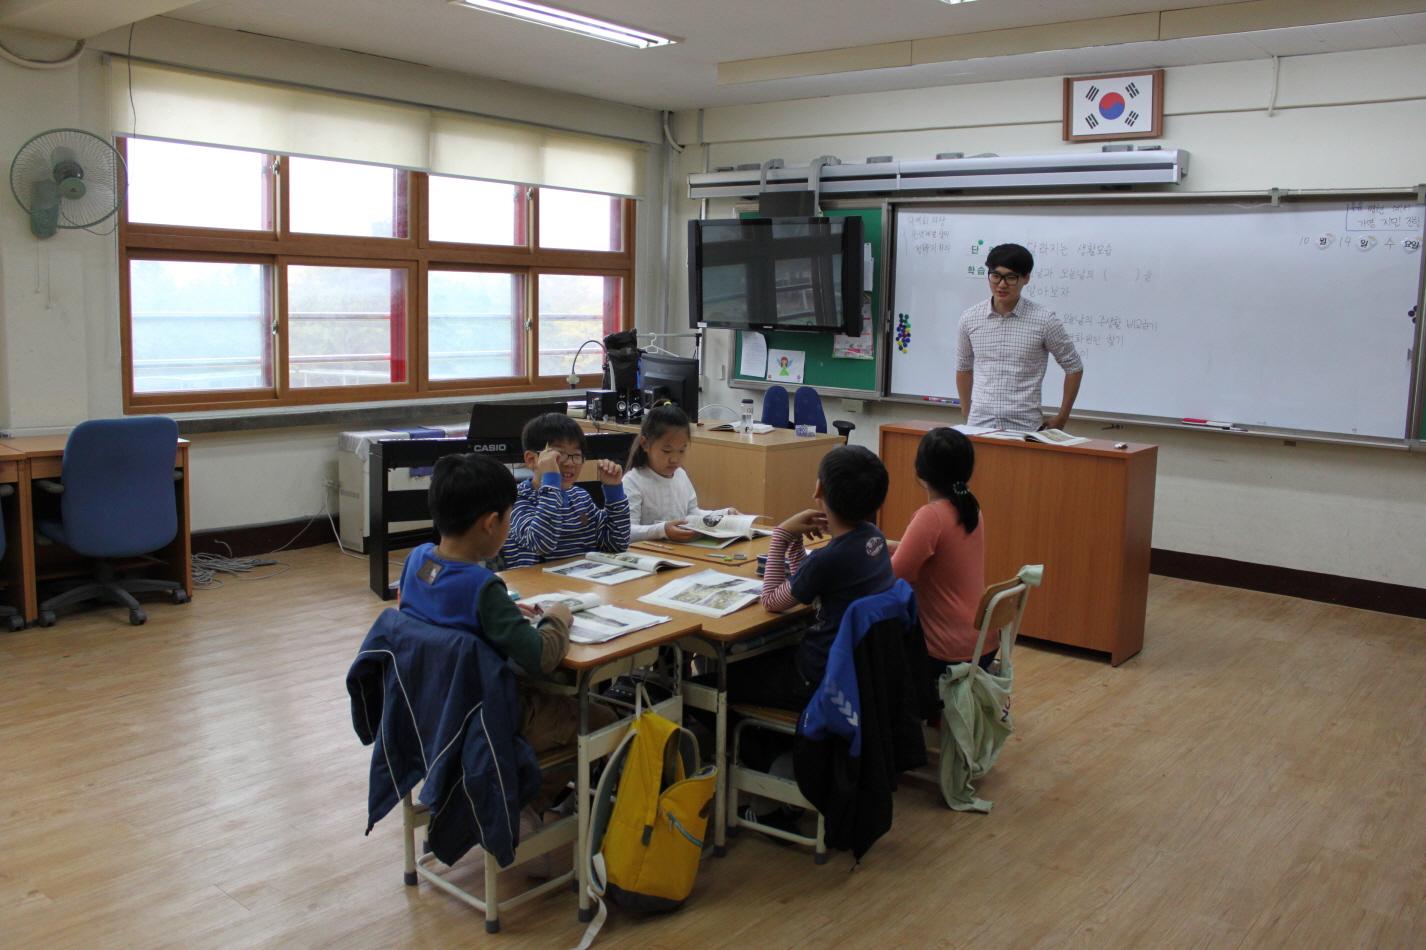 [일반] 2학기 공개수업 3,4학년의 첨부이미지 1